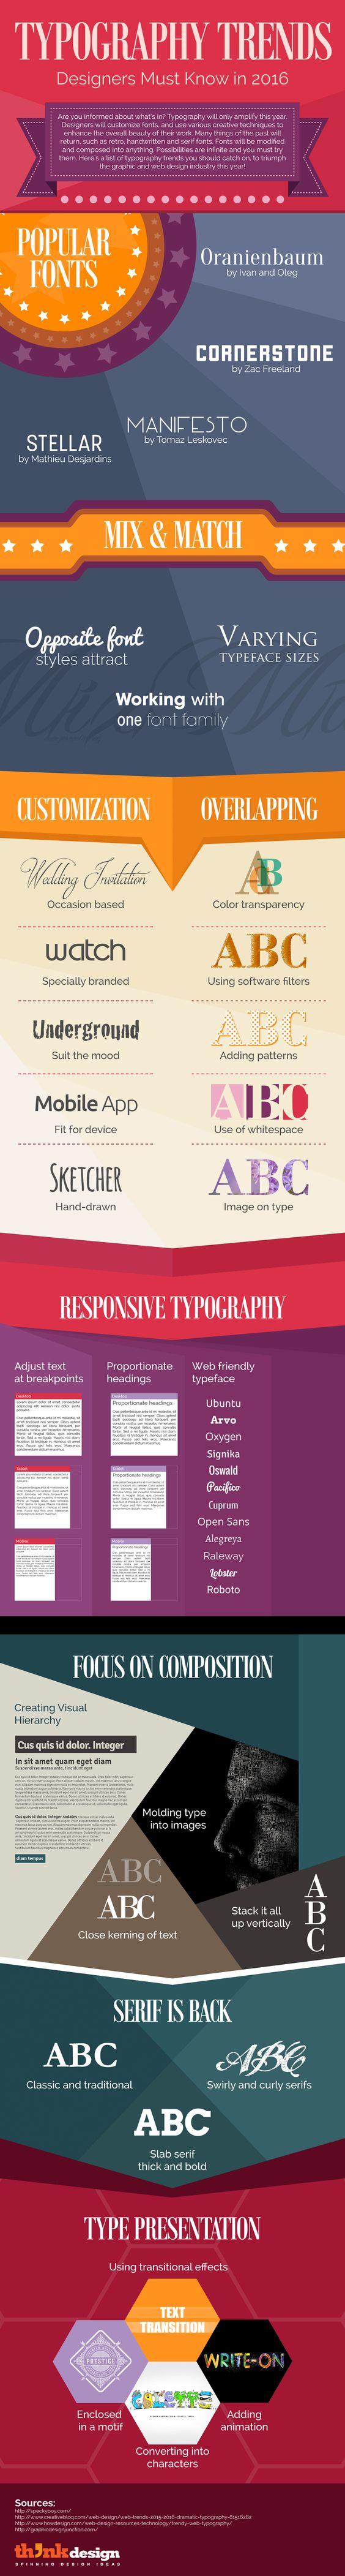 Le blog ThinkDesign nous livre une infographie intéressante sur les grandes tendances 2016 en termes de typographie pour les designers. Les typographes tro